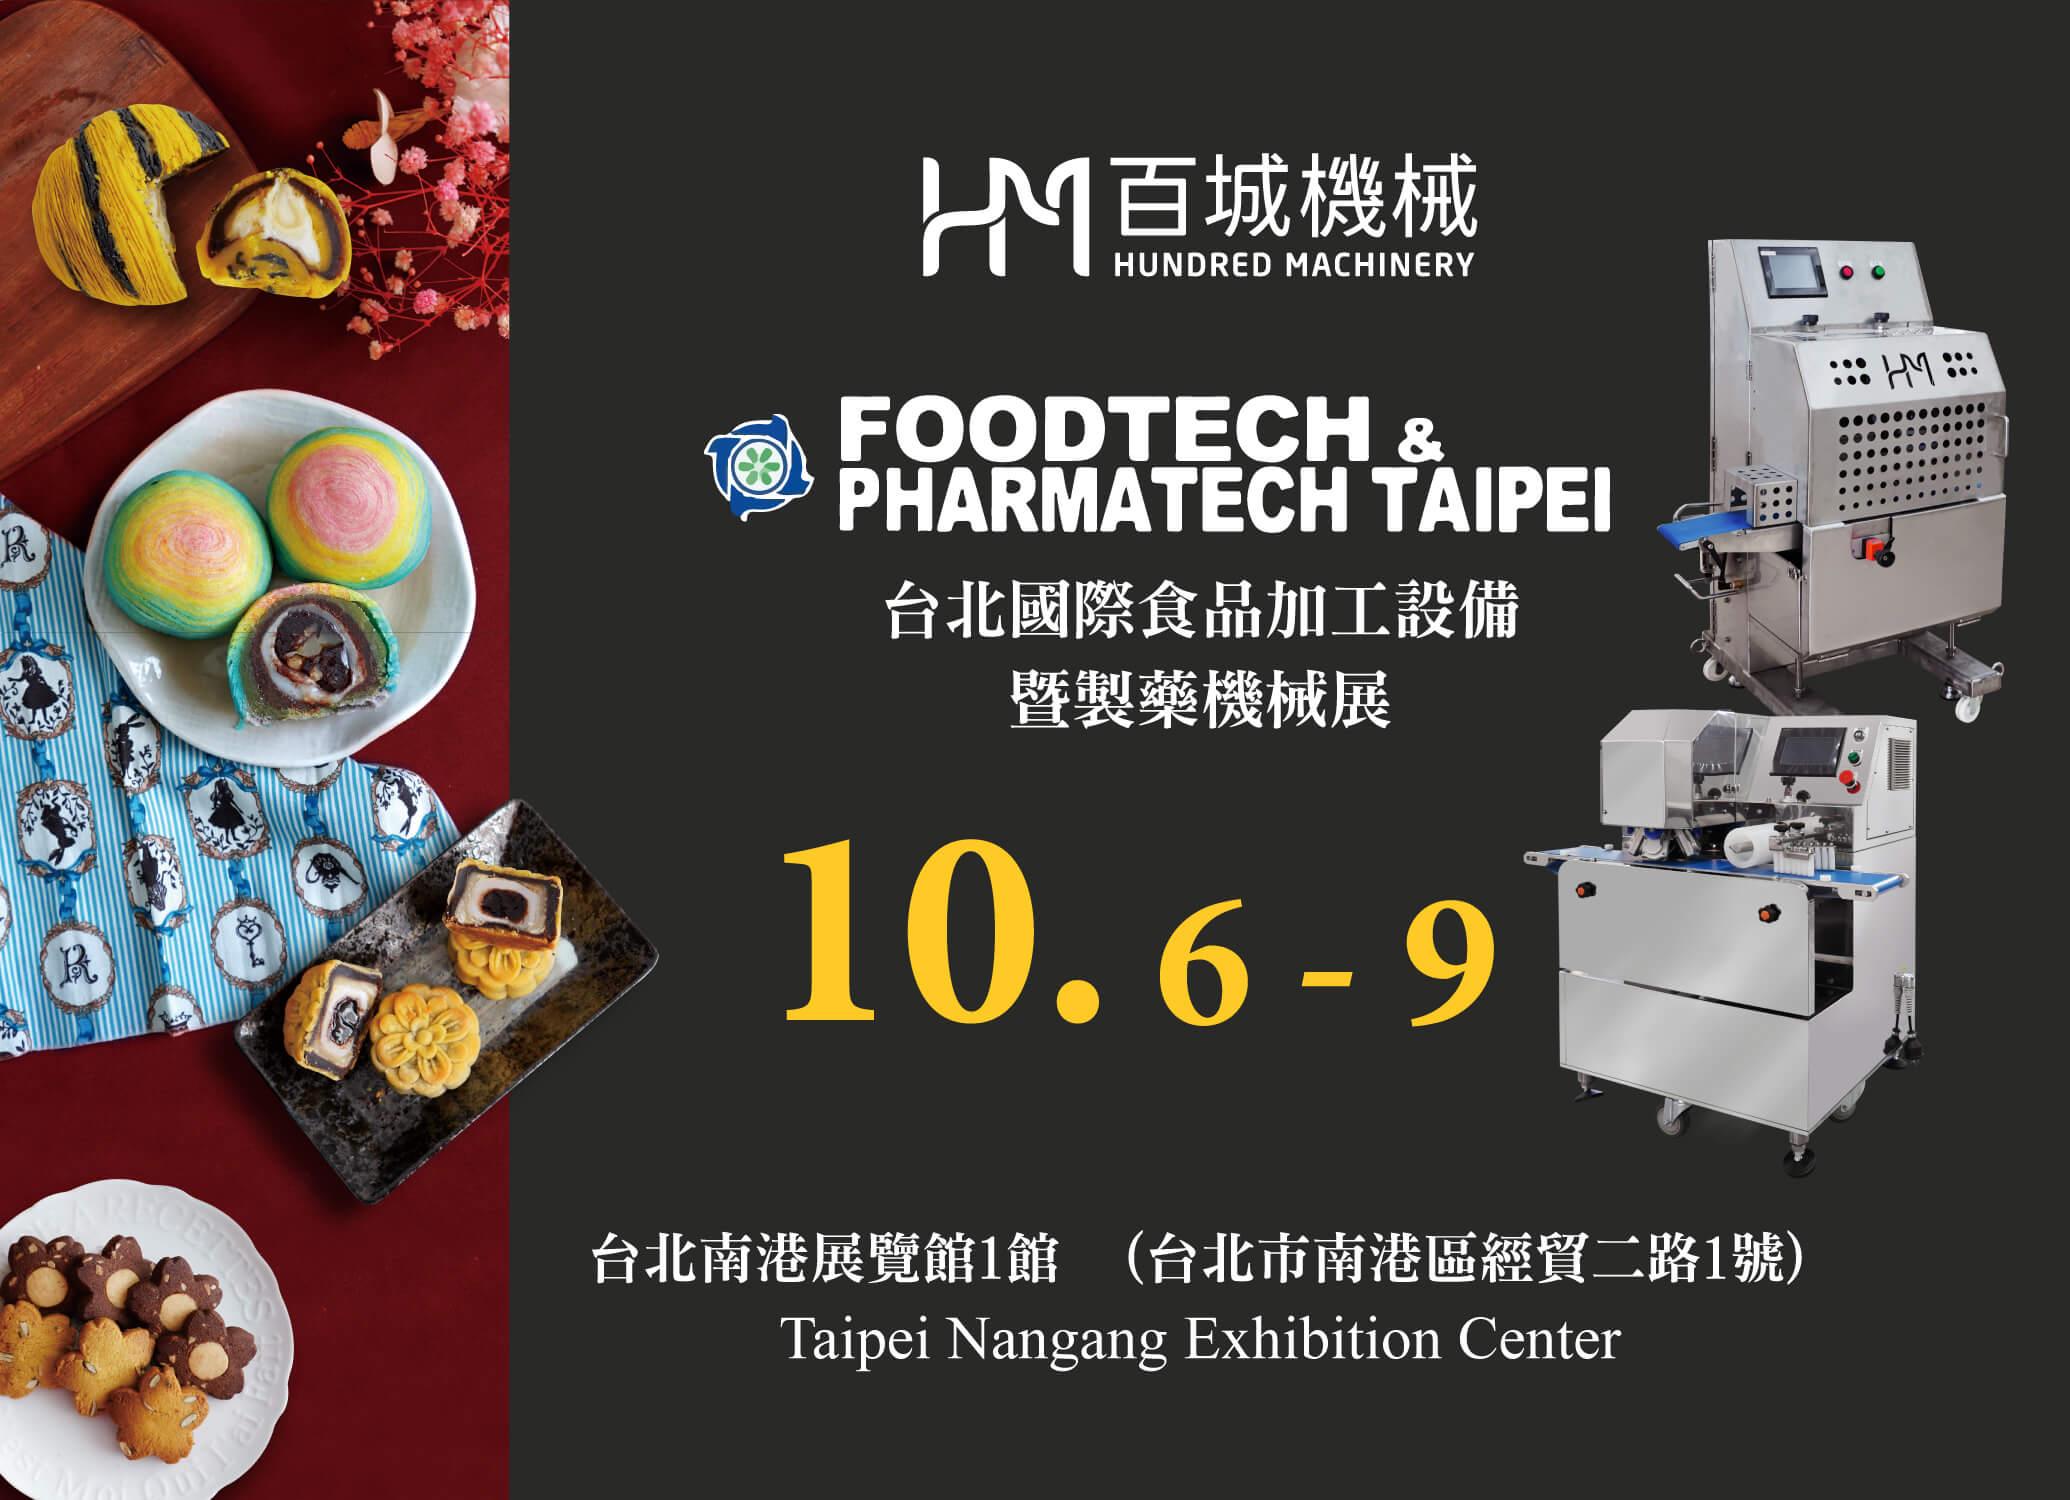 Taipei exhibition